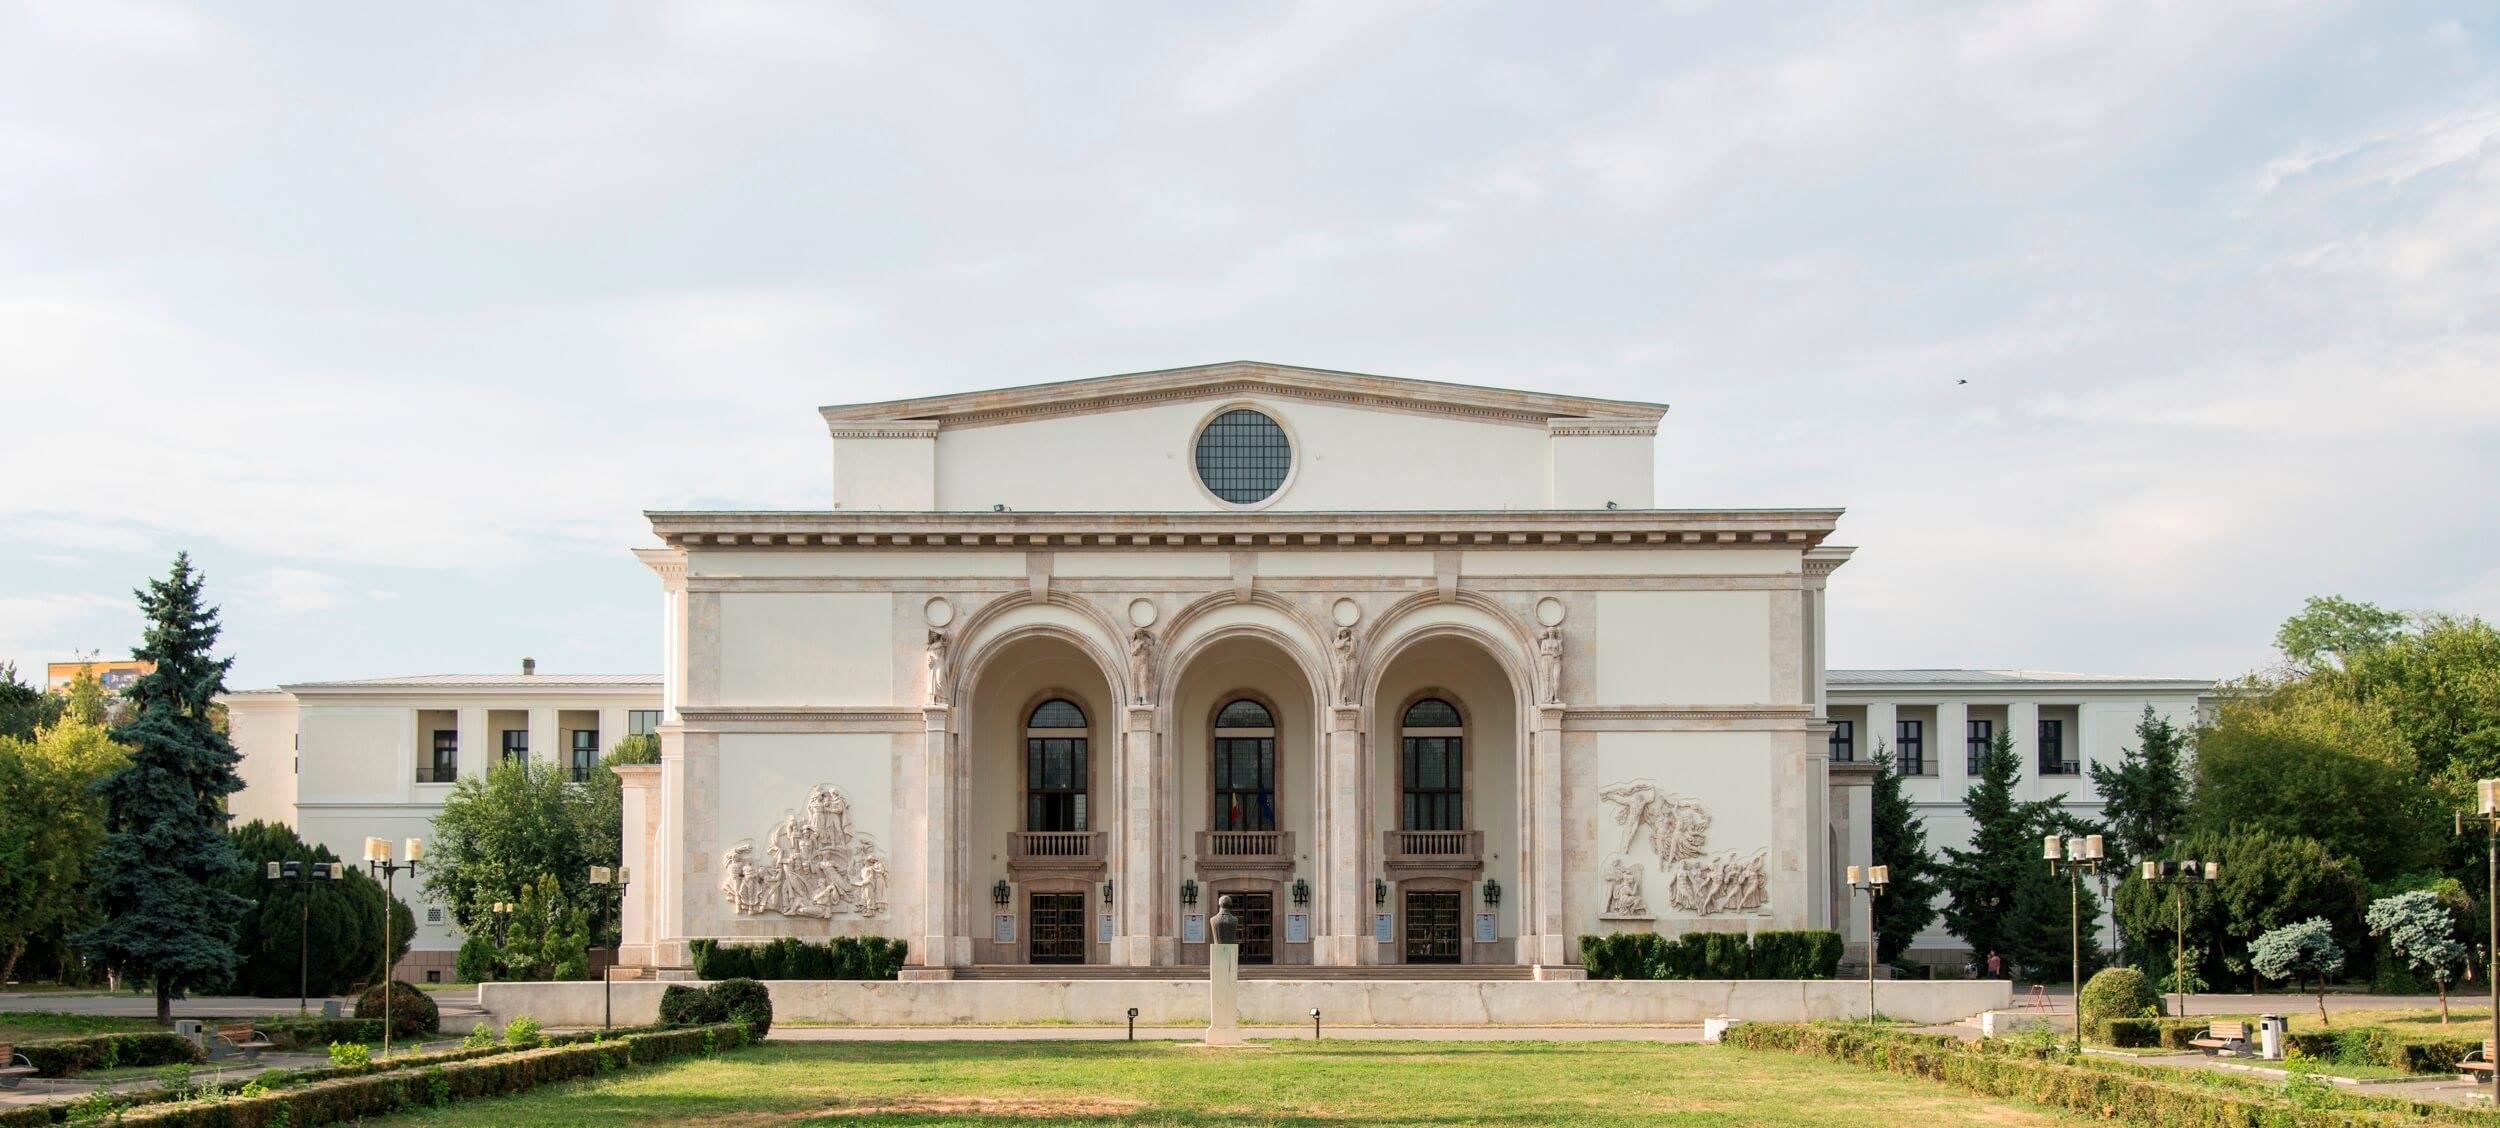 teatre în bucurești sectorul 5 opera națională bucurești